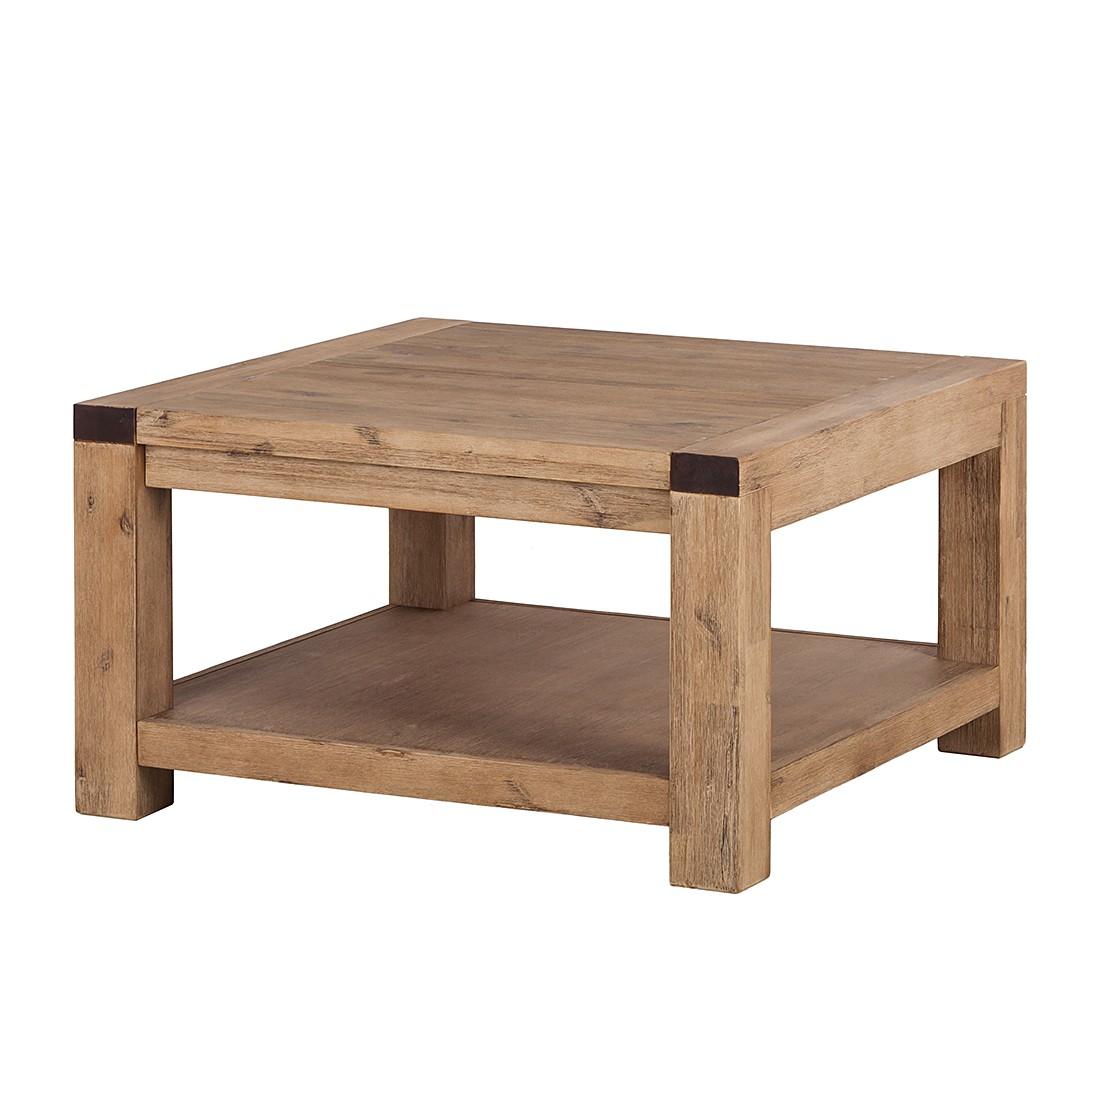 Table basse Alenja